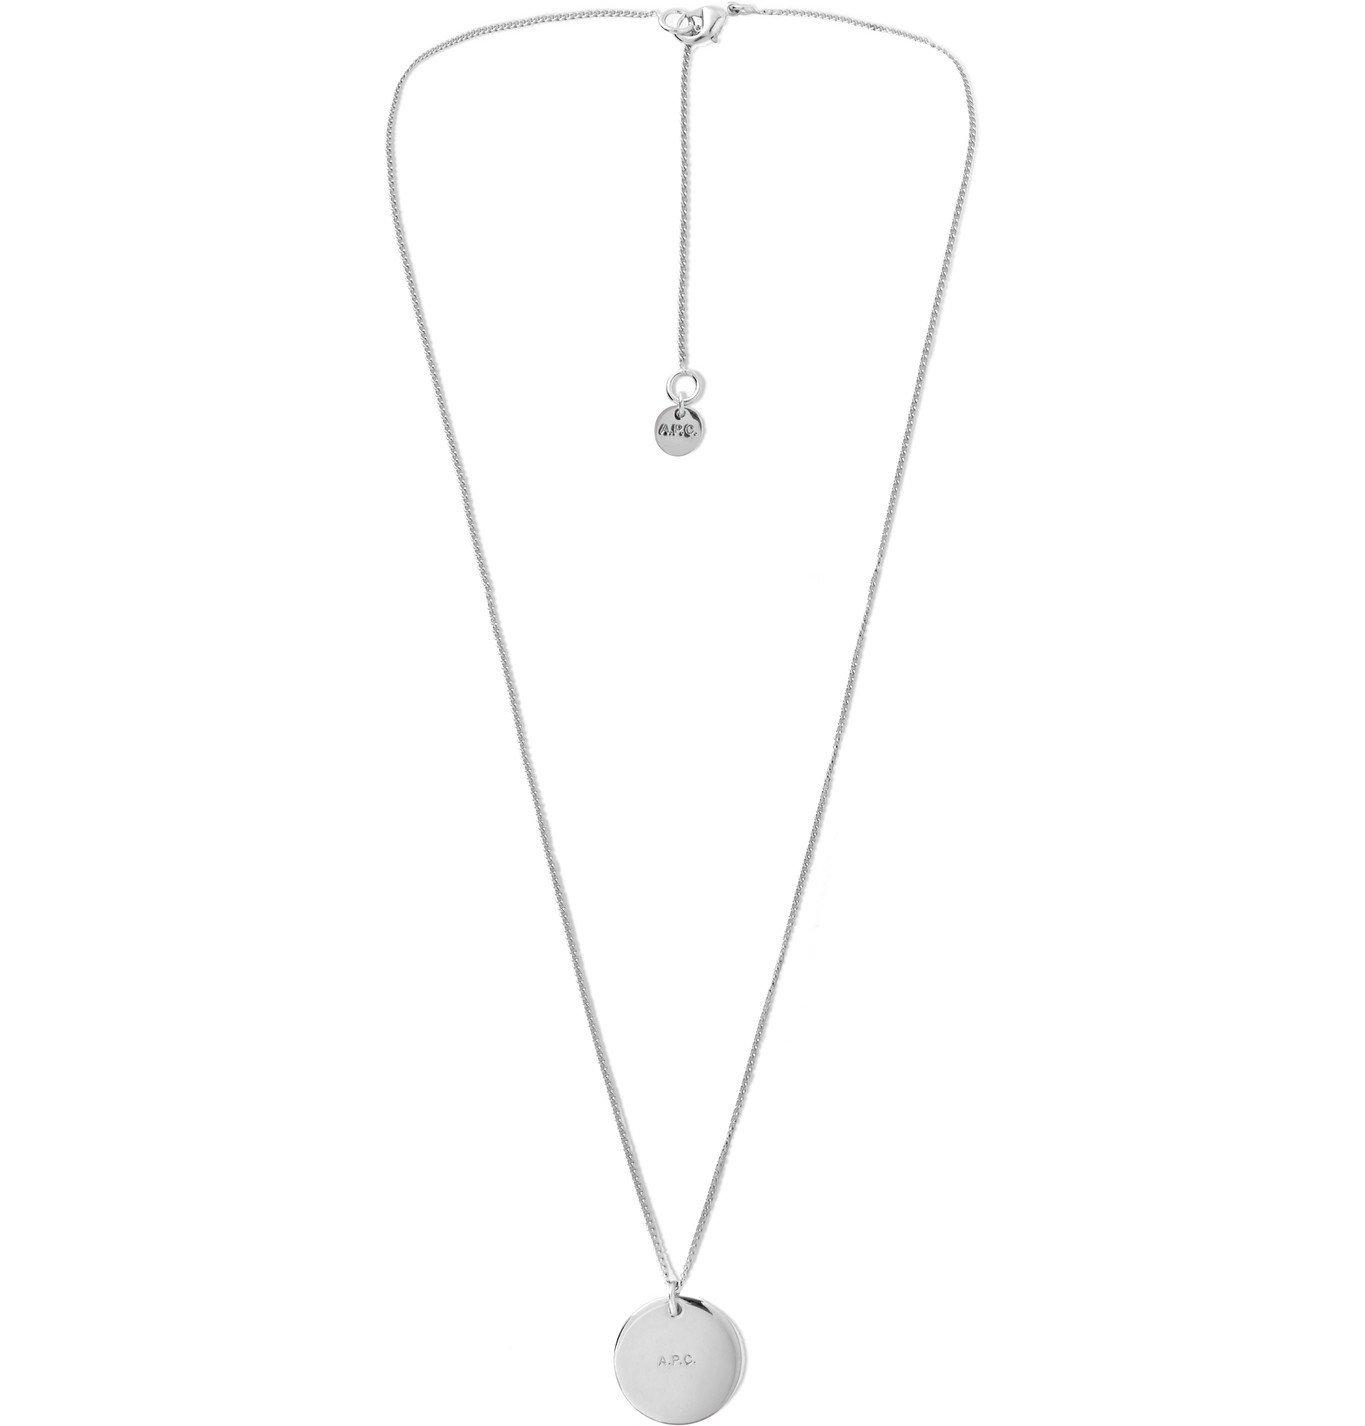 Photo: A.P.C. - Logo-Engraved Silver-Tone Necklace - Silver